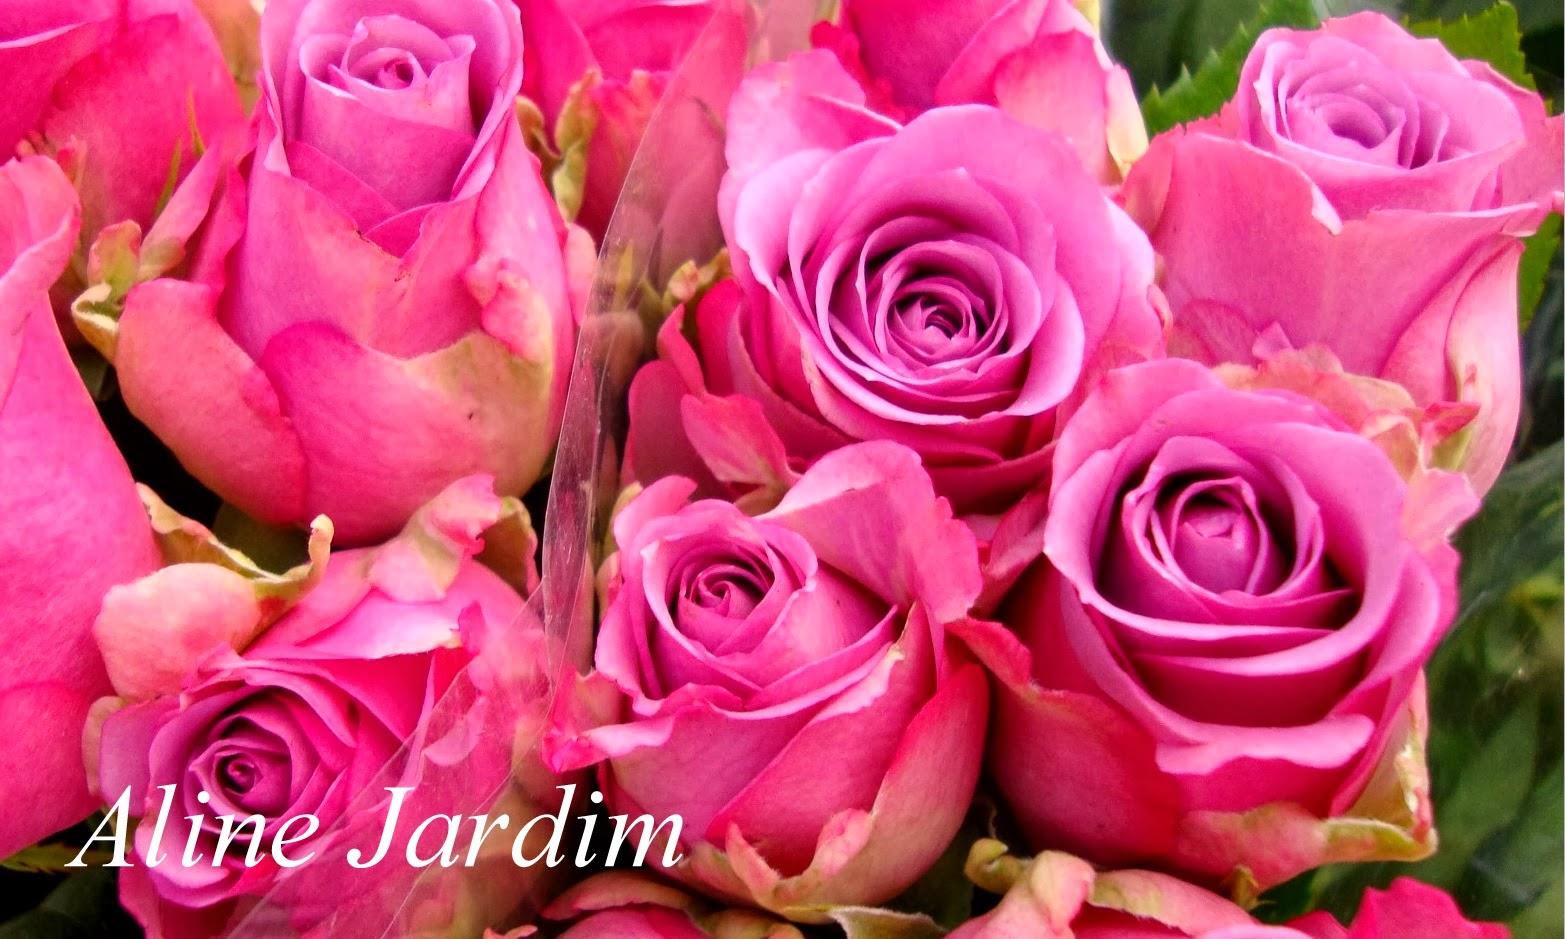 Aline Jardim